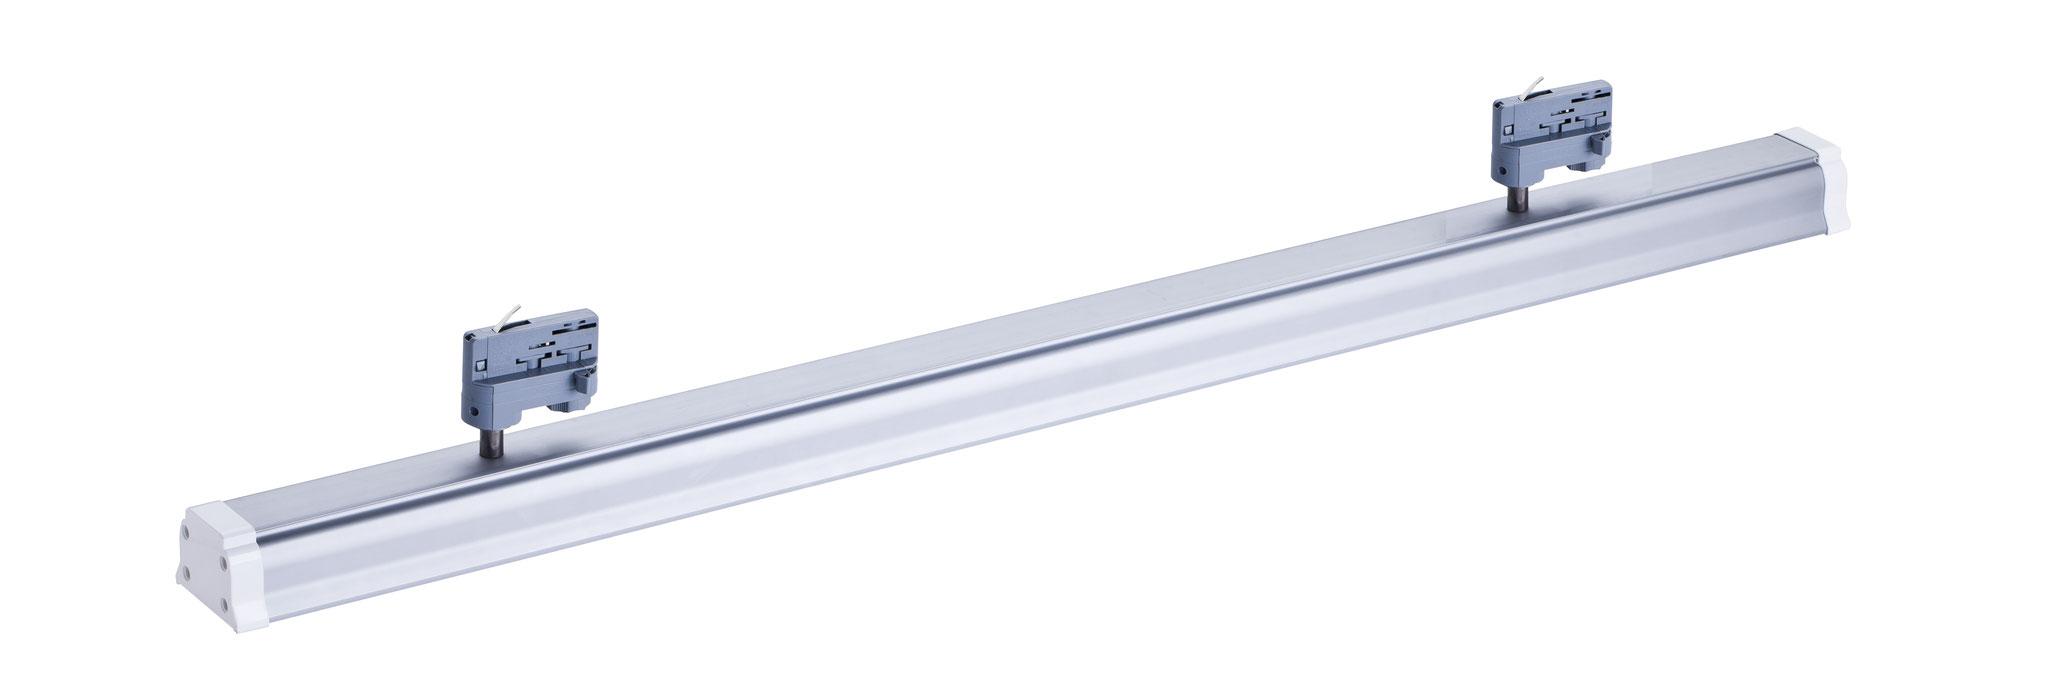 Lichtleiste mit 3-Phasen Adapter * 40 Watt * 120 cm * Ausstrahlwinkel 100° * 4.000 lm